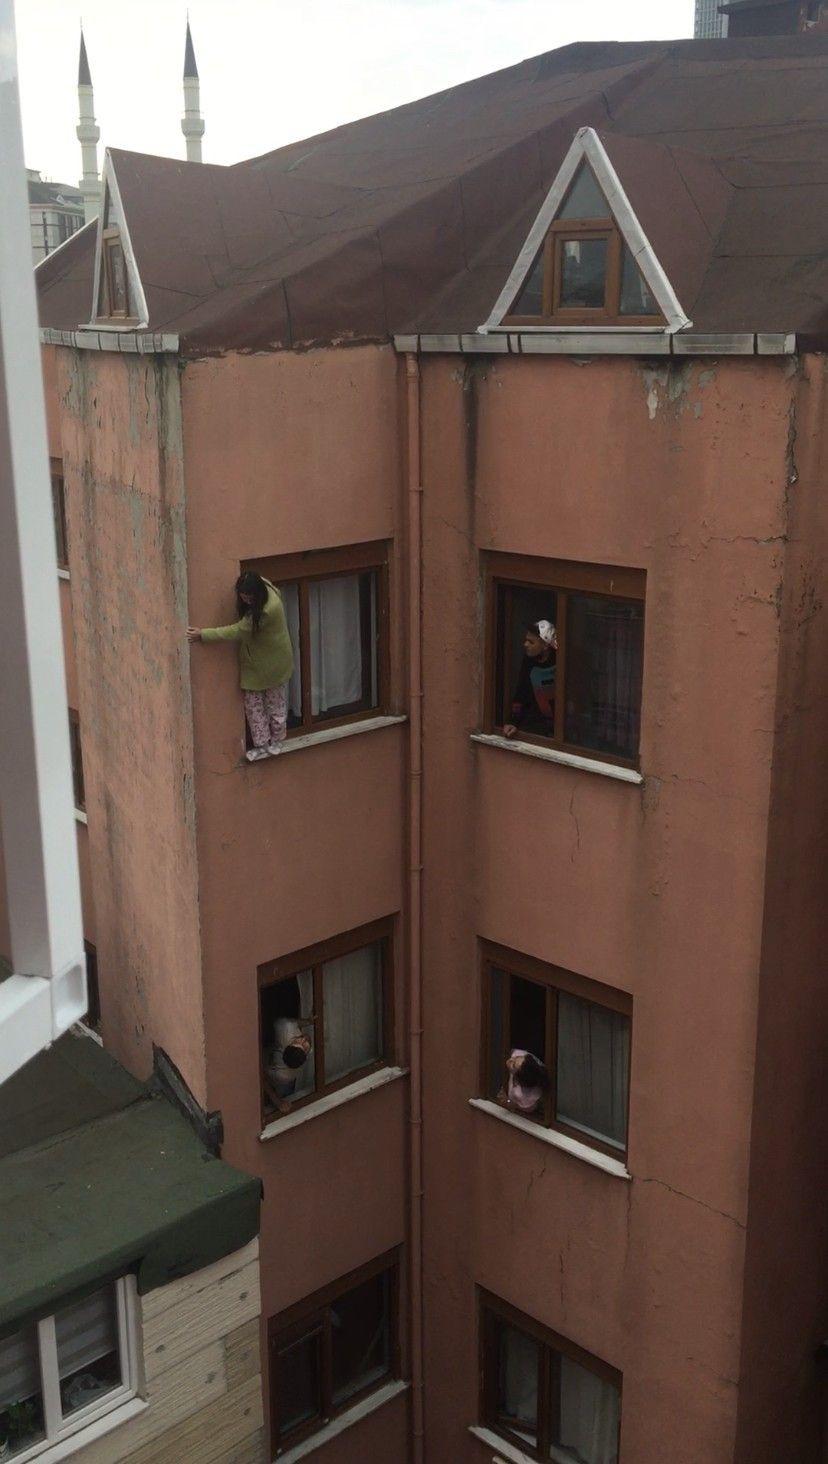 İkna etmek için çırpındılar ama yetmedi! Genç kız, kendini 4. kattan böyle aşağıya attı - Sayfa 1